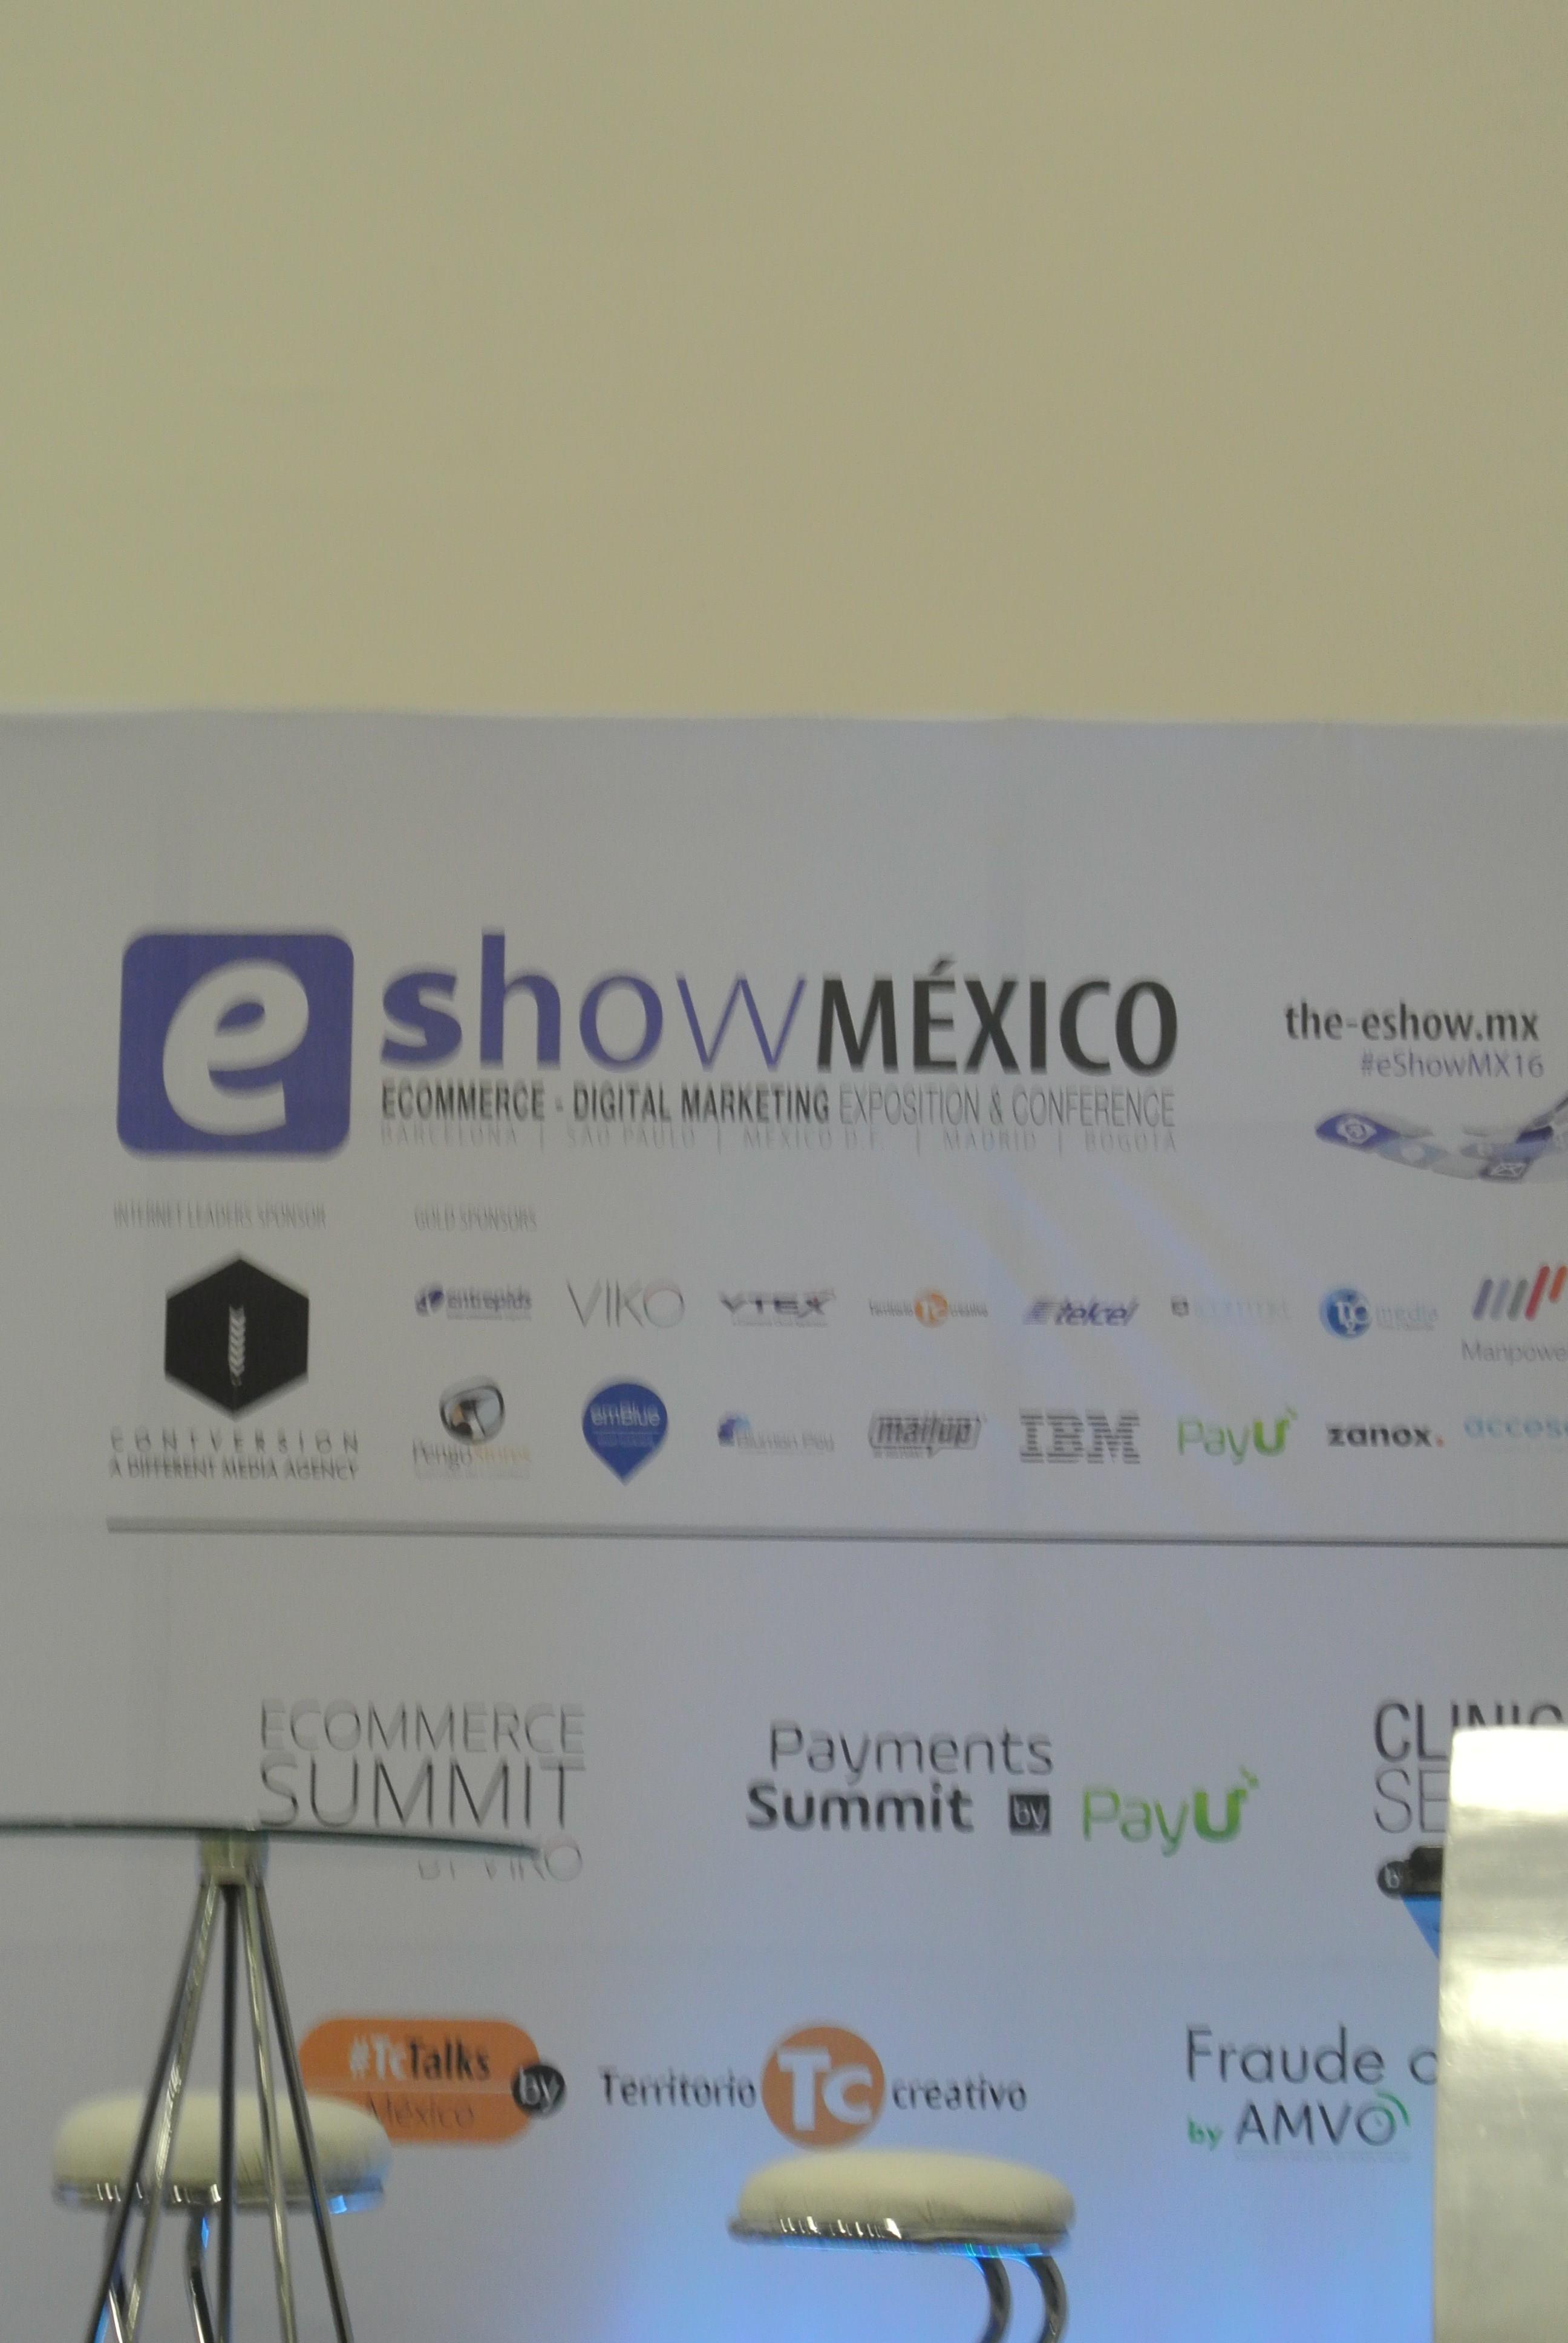 eshow mexico